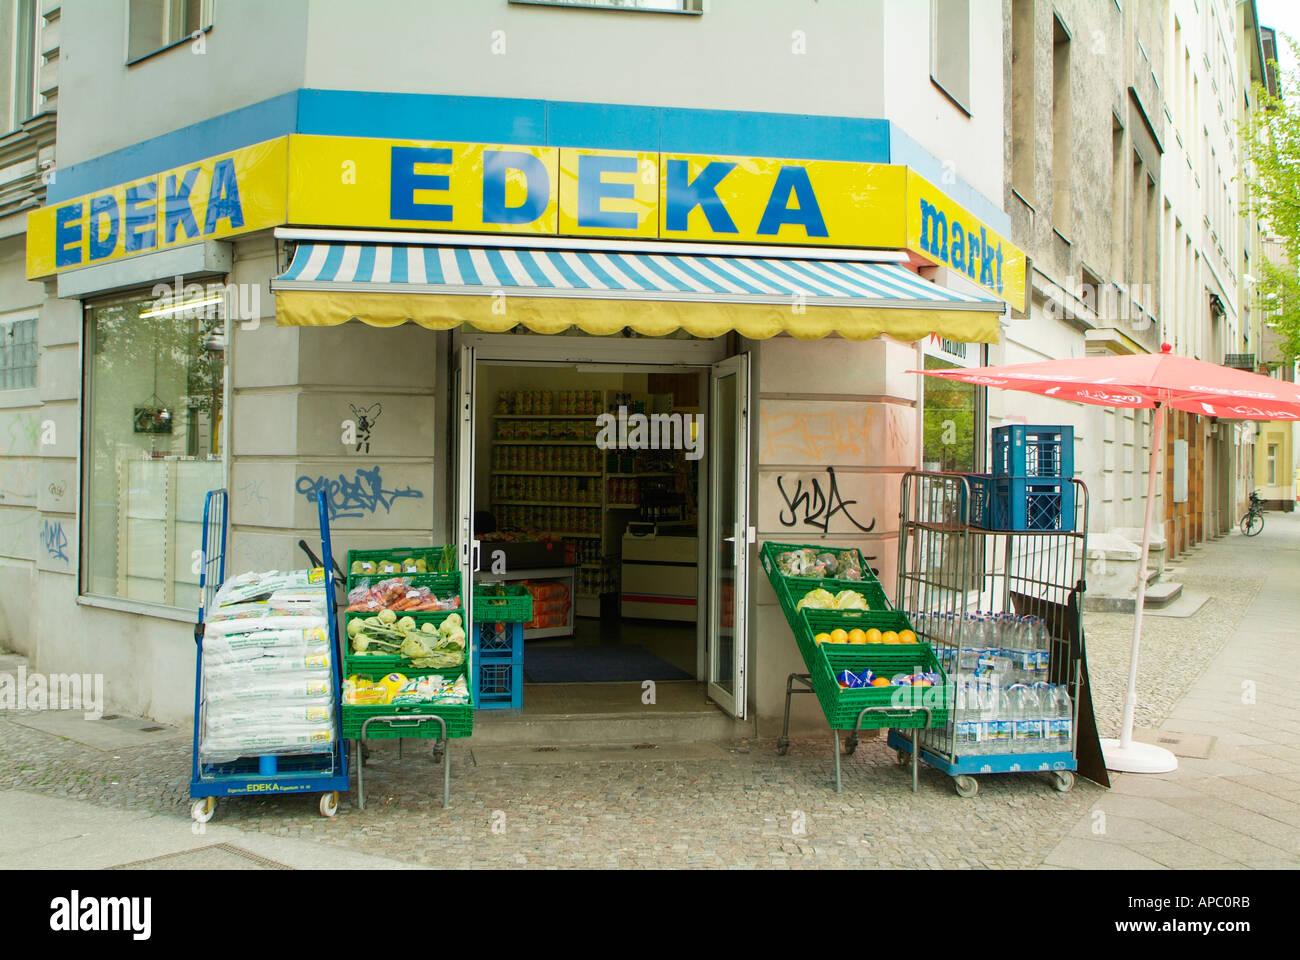 edeka shop in kreuzberg berlin germany stock photo royalty free image 8995962 alamy. Black Bedroom Furniture Sets. Home Design Ideas